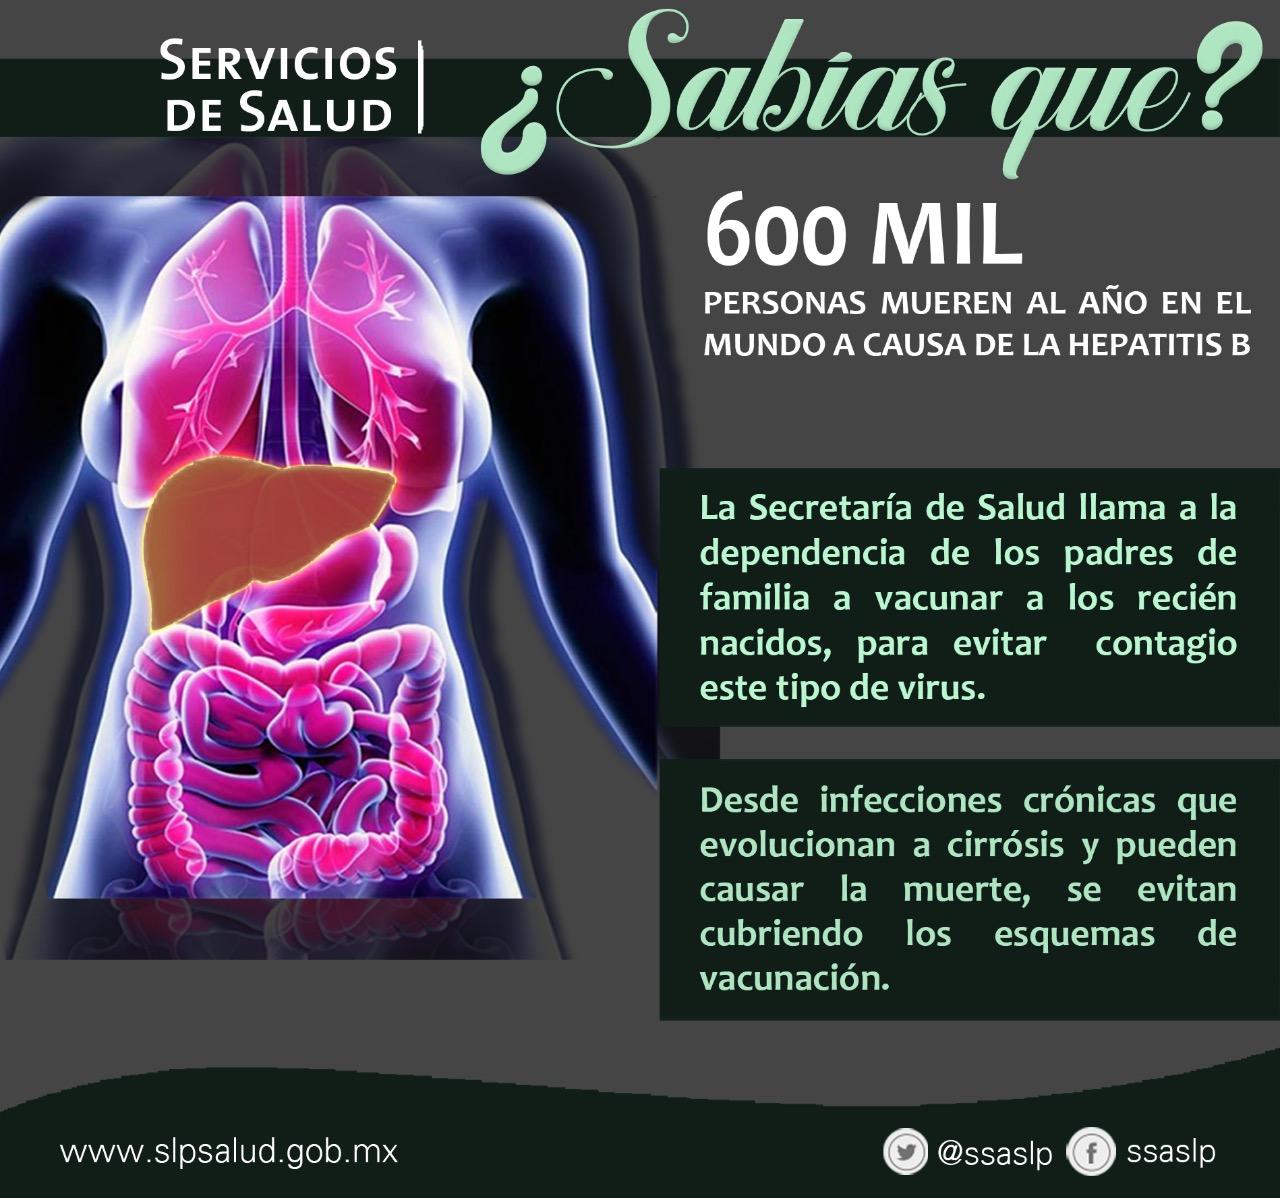 600 MIL PERSONAS MUEREN AL AÑO EN EL MUNDO A CAUSA DE LA HEPATITIS B.: SECRETARÍA DE SALUD.